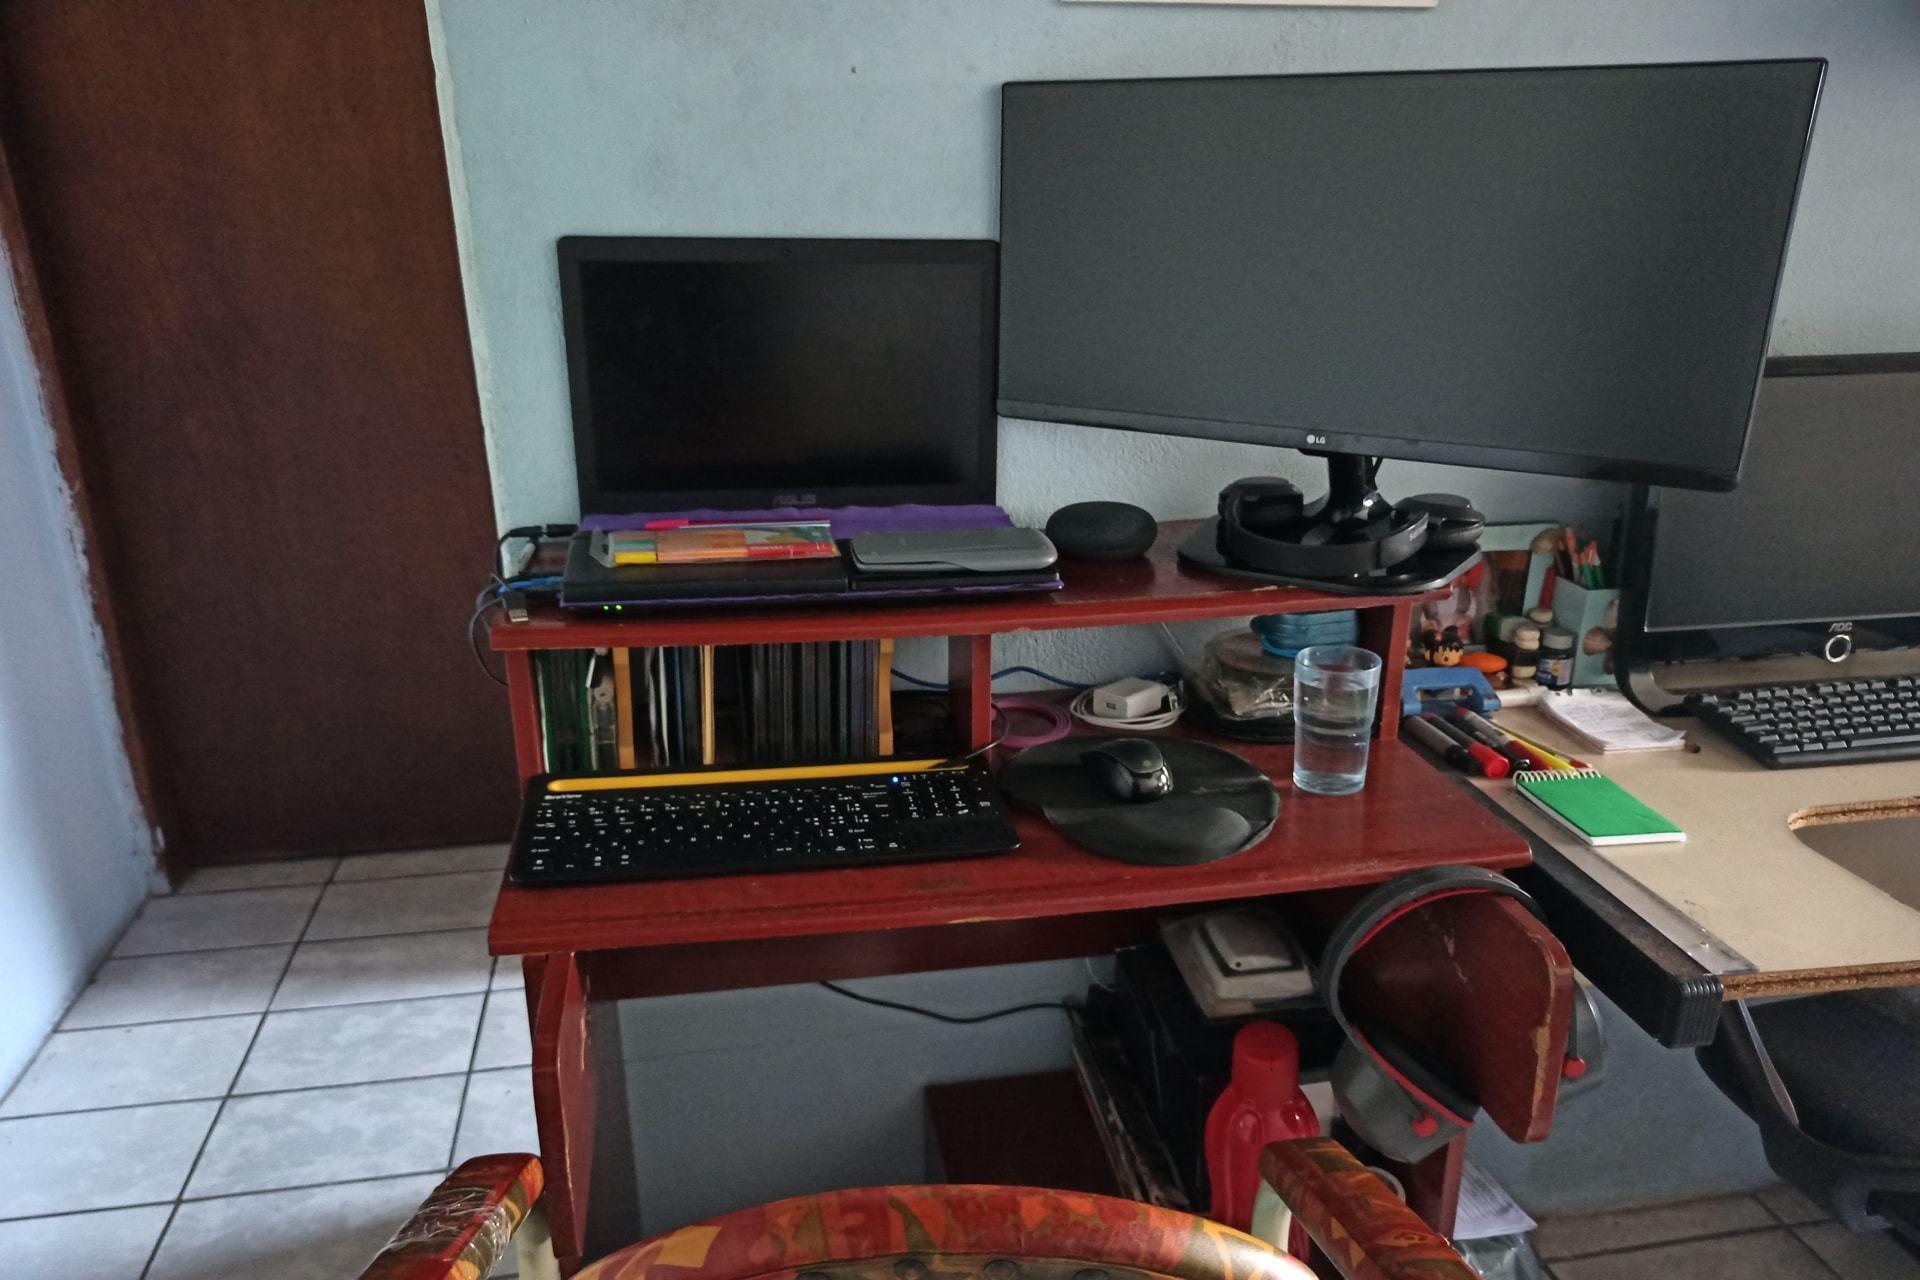 Escritório doméstico do Henrique Bispo, mostrando um rack com notebook, teclado e mouse; um monitor grande e alguns objetos.